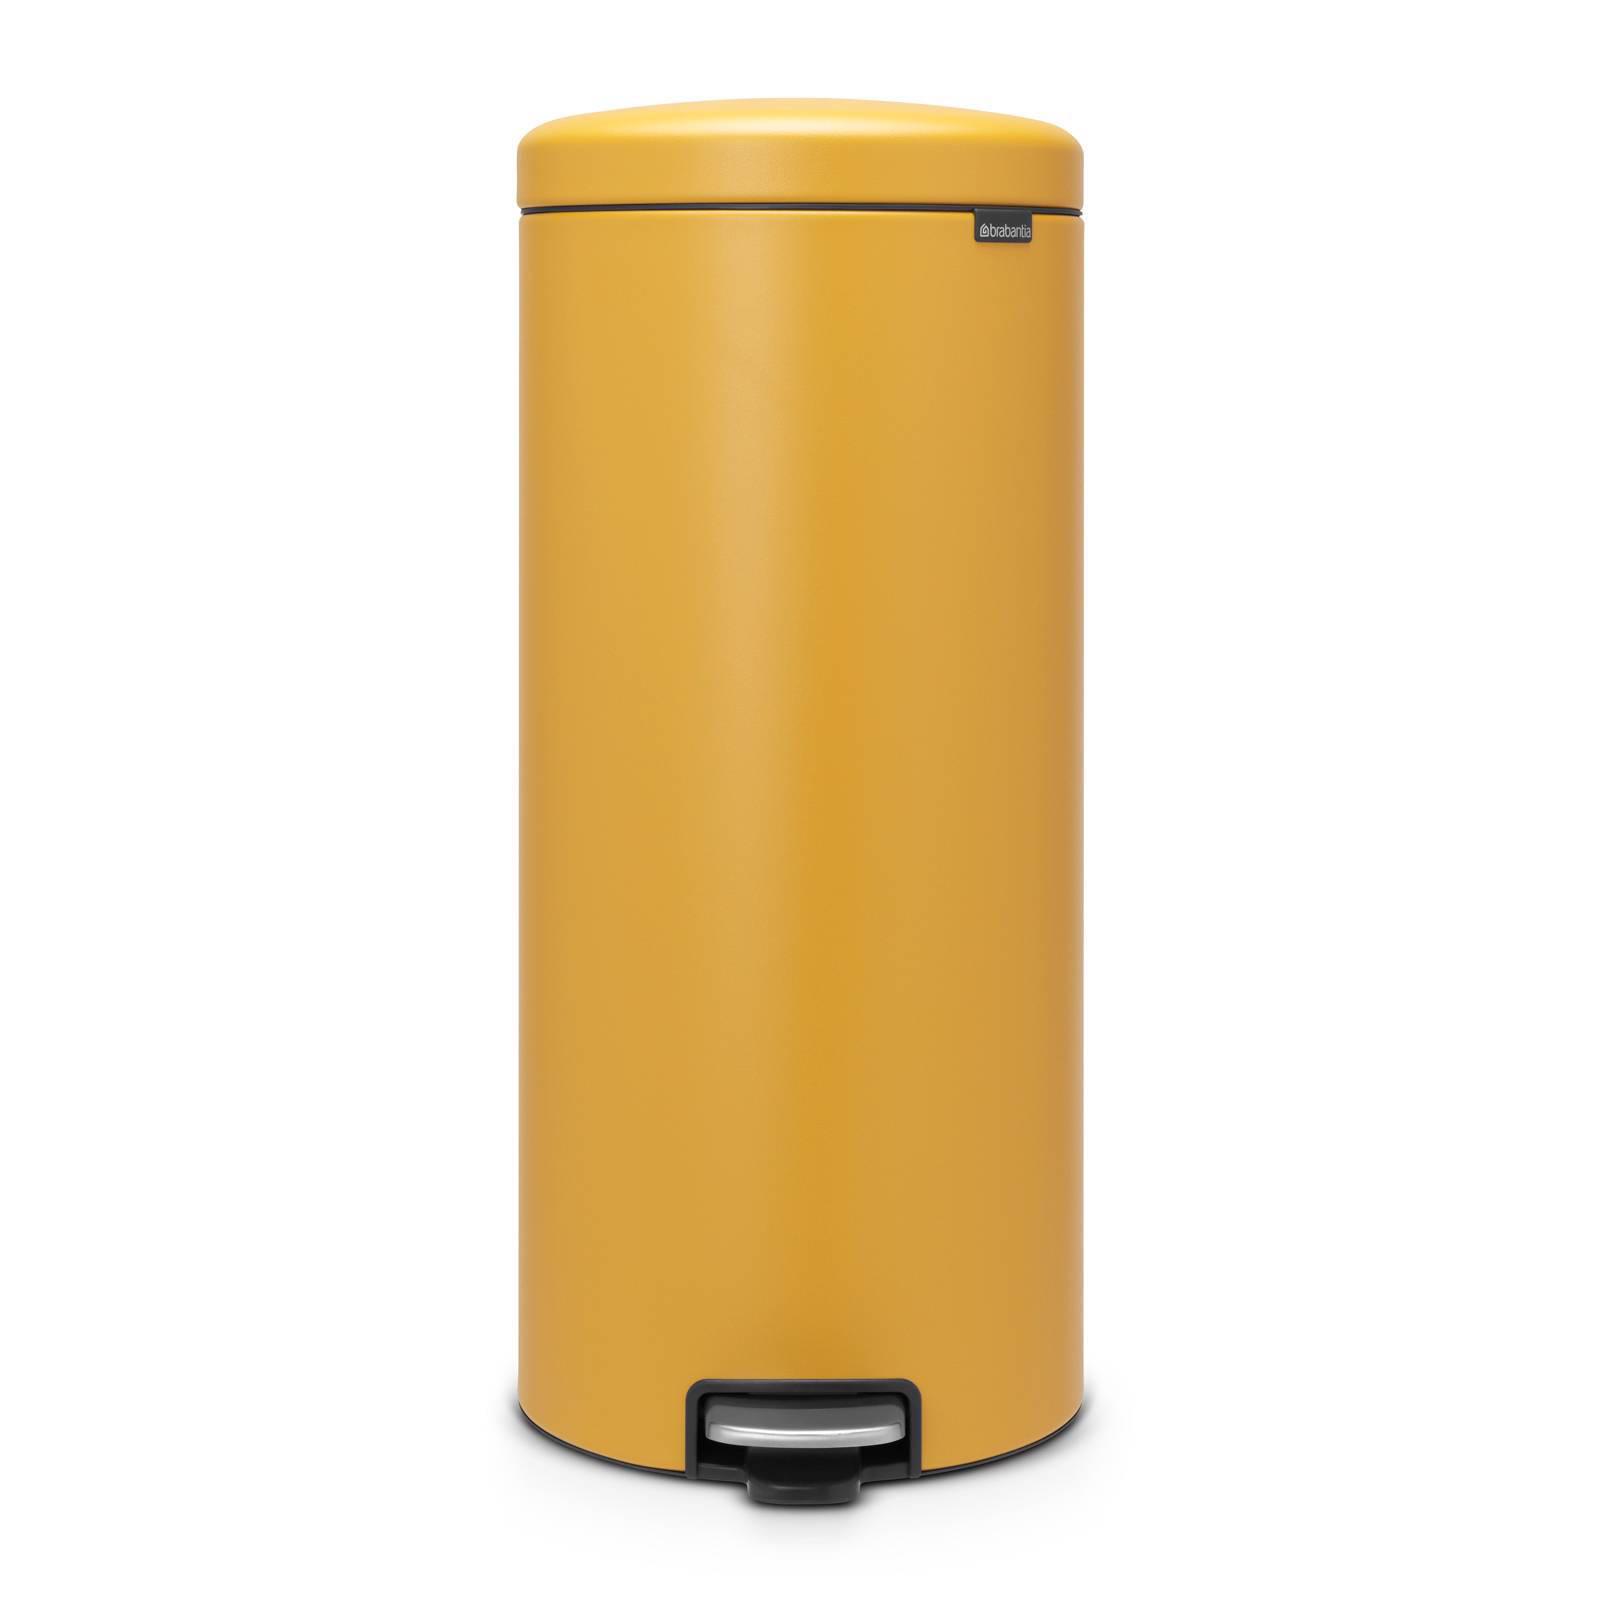 Brabantia Touch Bin 50l Aanbieding.Aanbieding Pedaalemmer Cheap Brabantia Bo Pedal Bin X Liter Matt